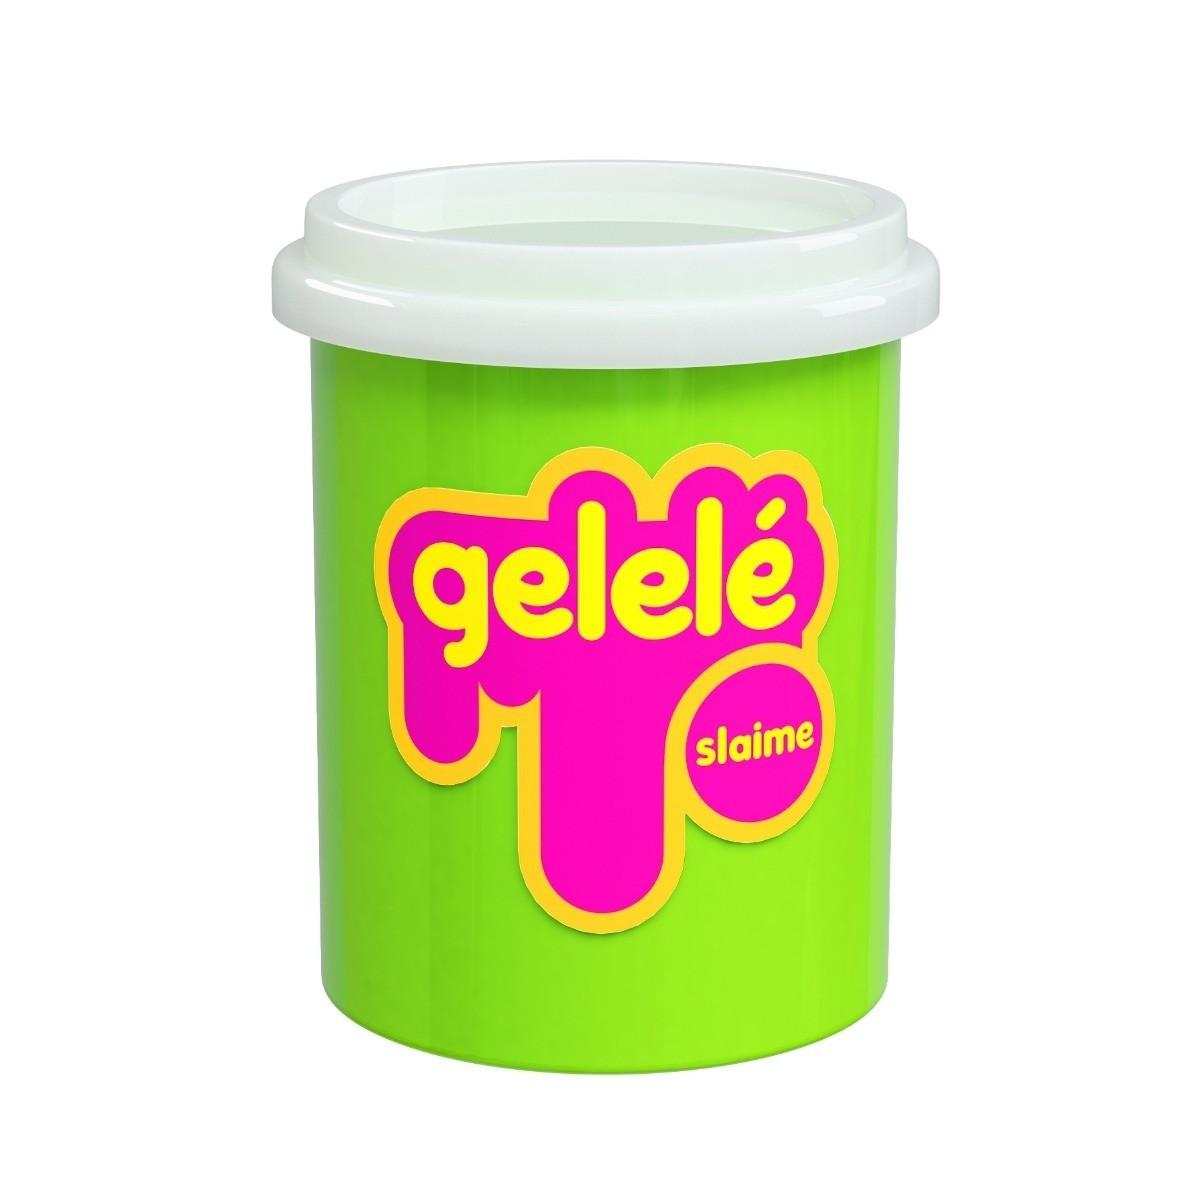 Kit Massinha Gelelé Slime c/ 5 Potes 152 g - Sortidos - Doce Brinquedos